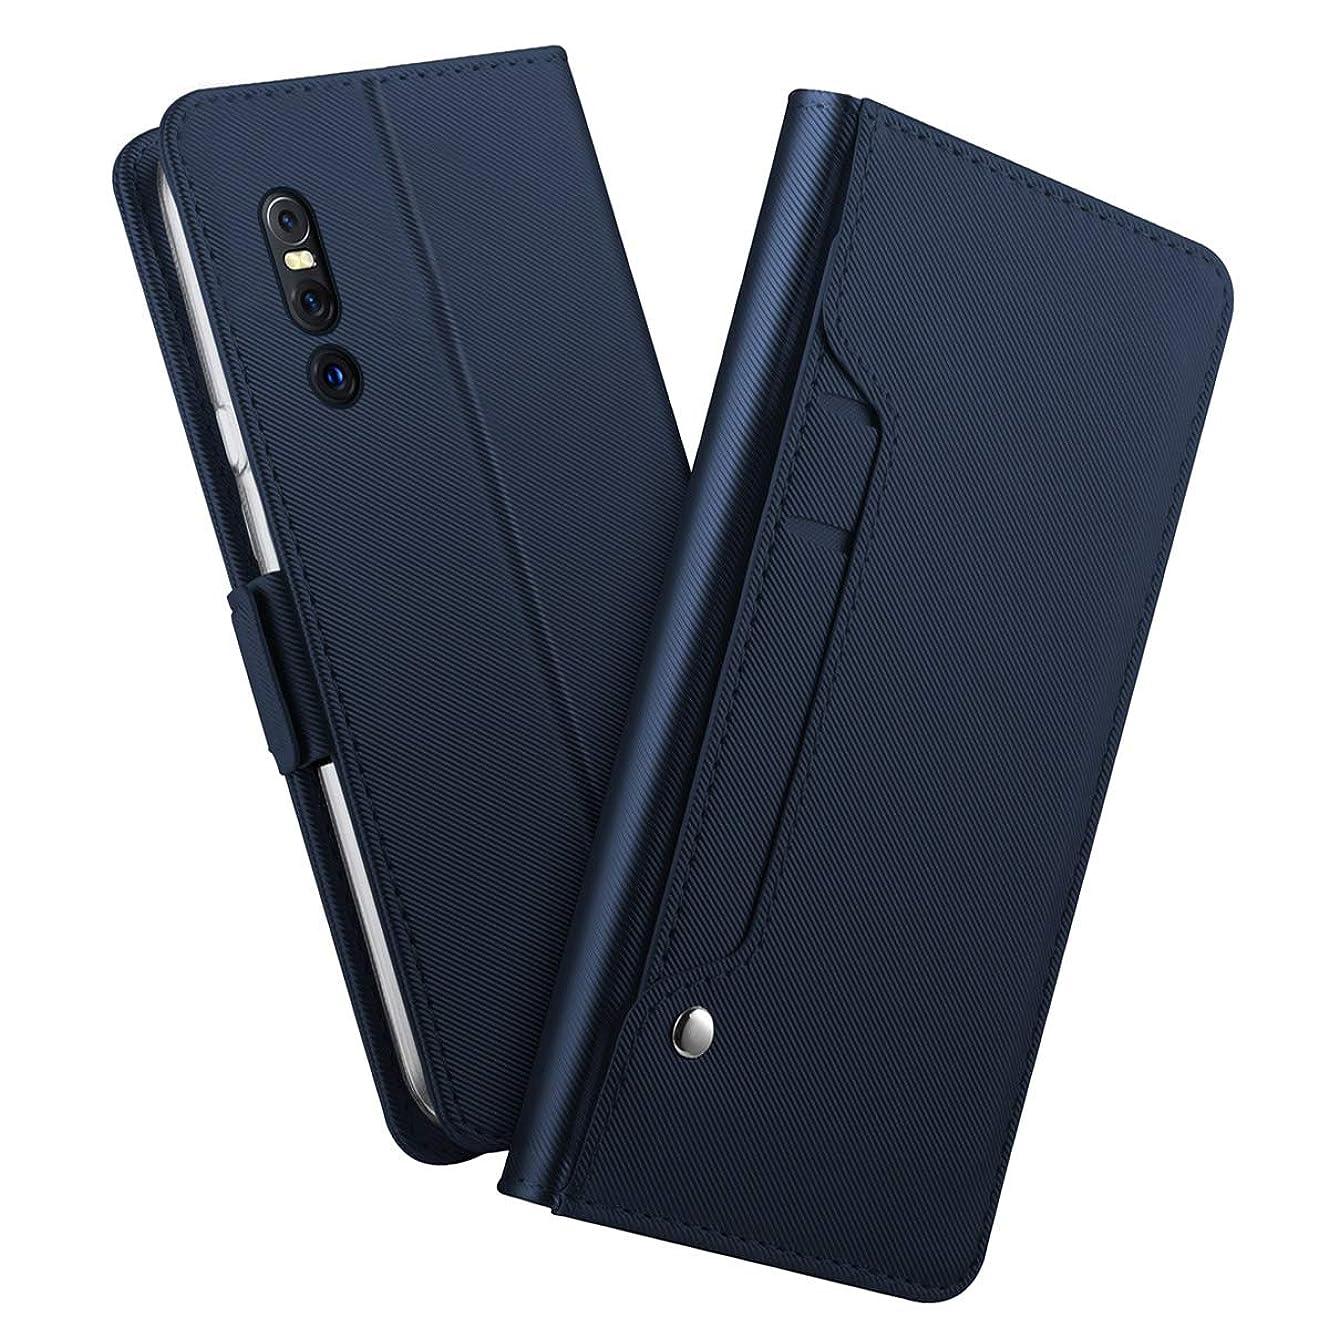 代理店増幅活力Vivo X27 シェル, MeetJP Vivo X27 レザー 財布 シェル 本 設計 ?と フリップ カバー 且つ 立つ [クレジット カード スロット] カバー シェル の Vivo X27 - Blue